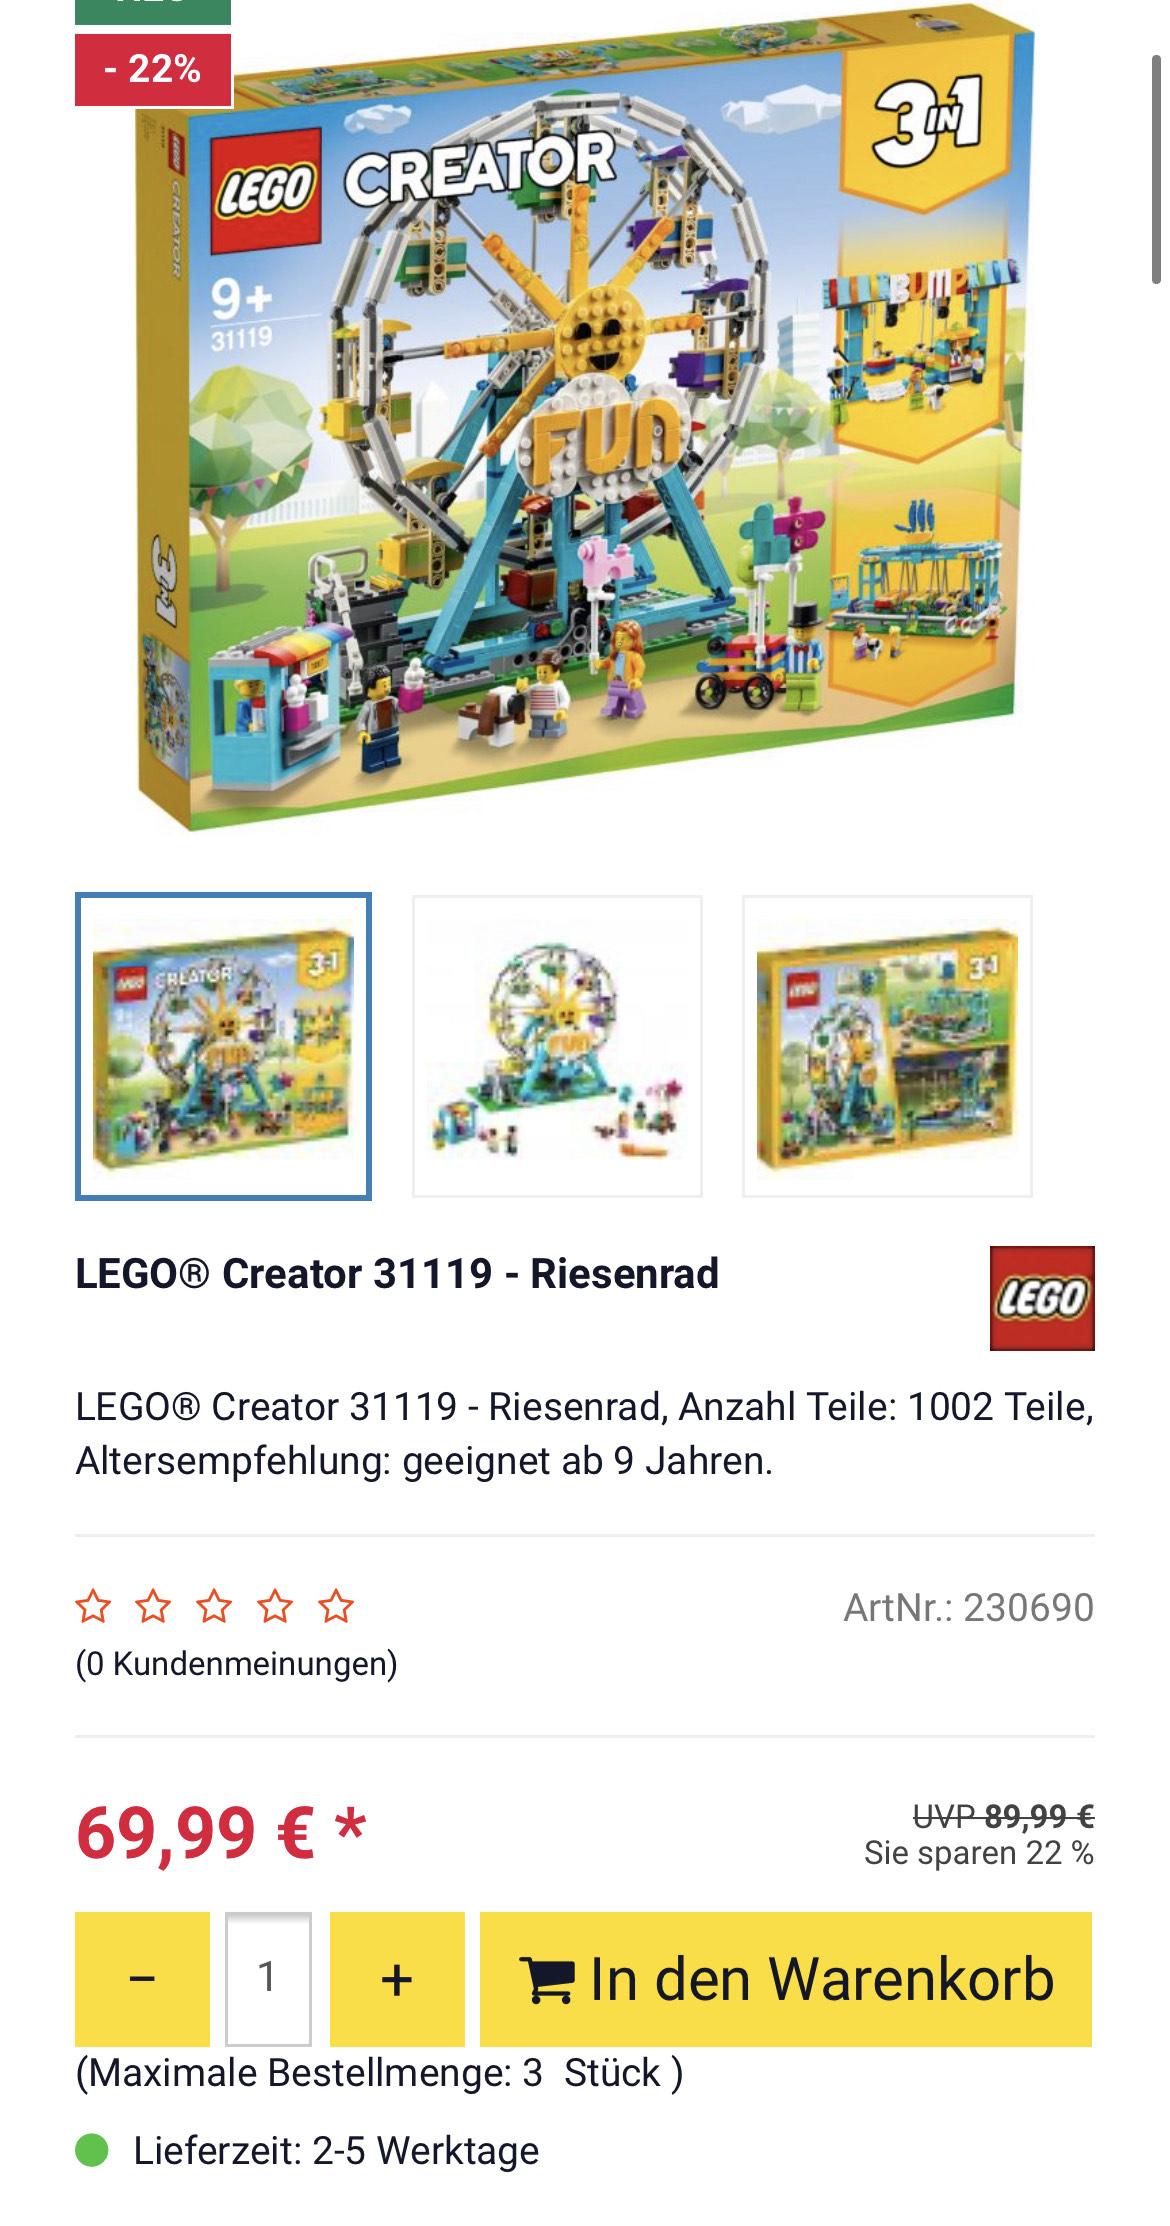 [ROFU] LEGO® Creator 31119 - Riesenrad für 69,99 €